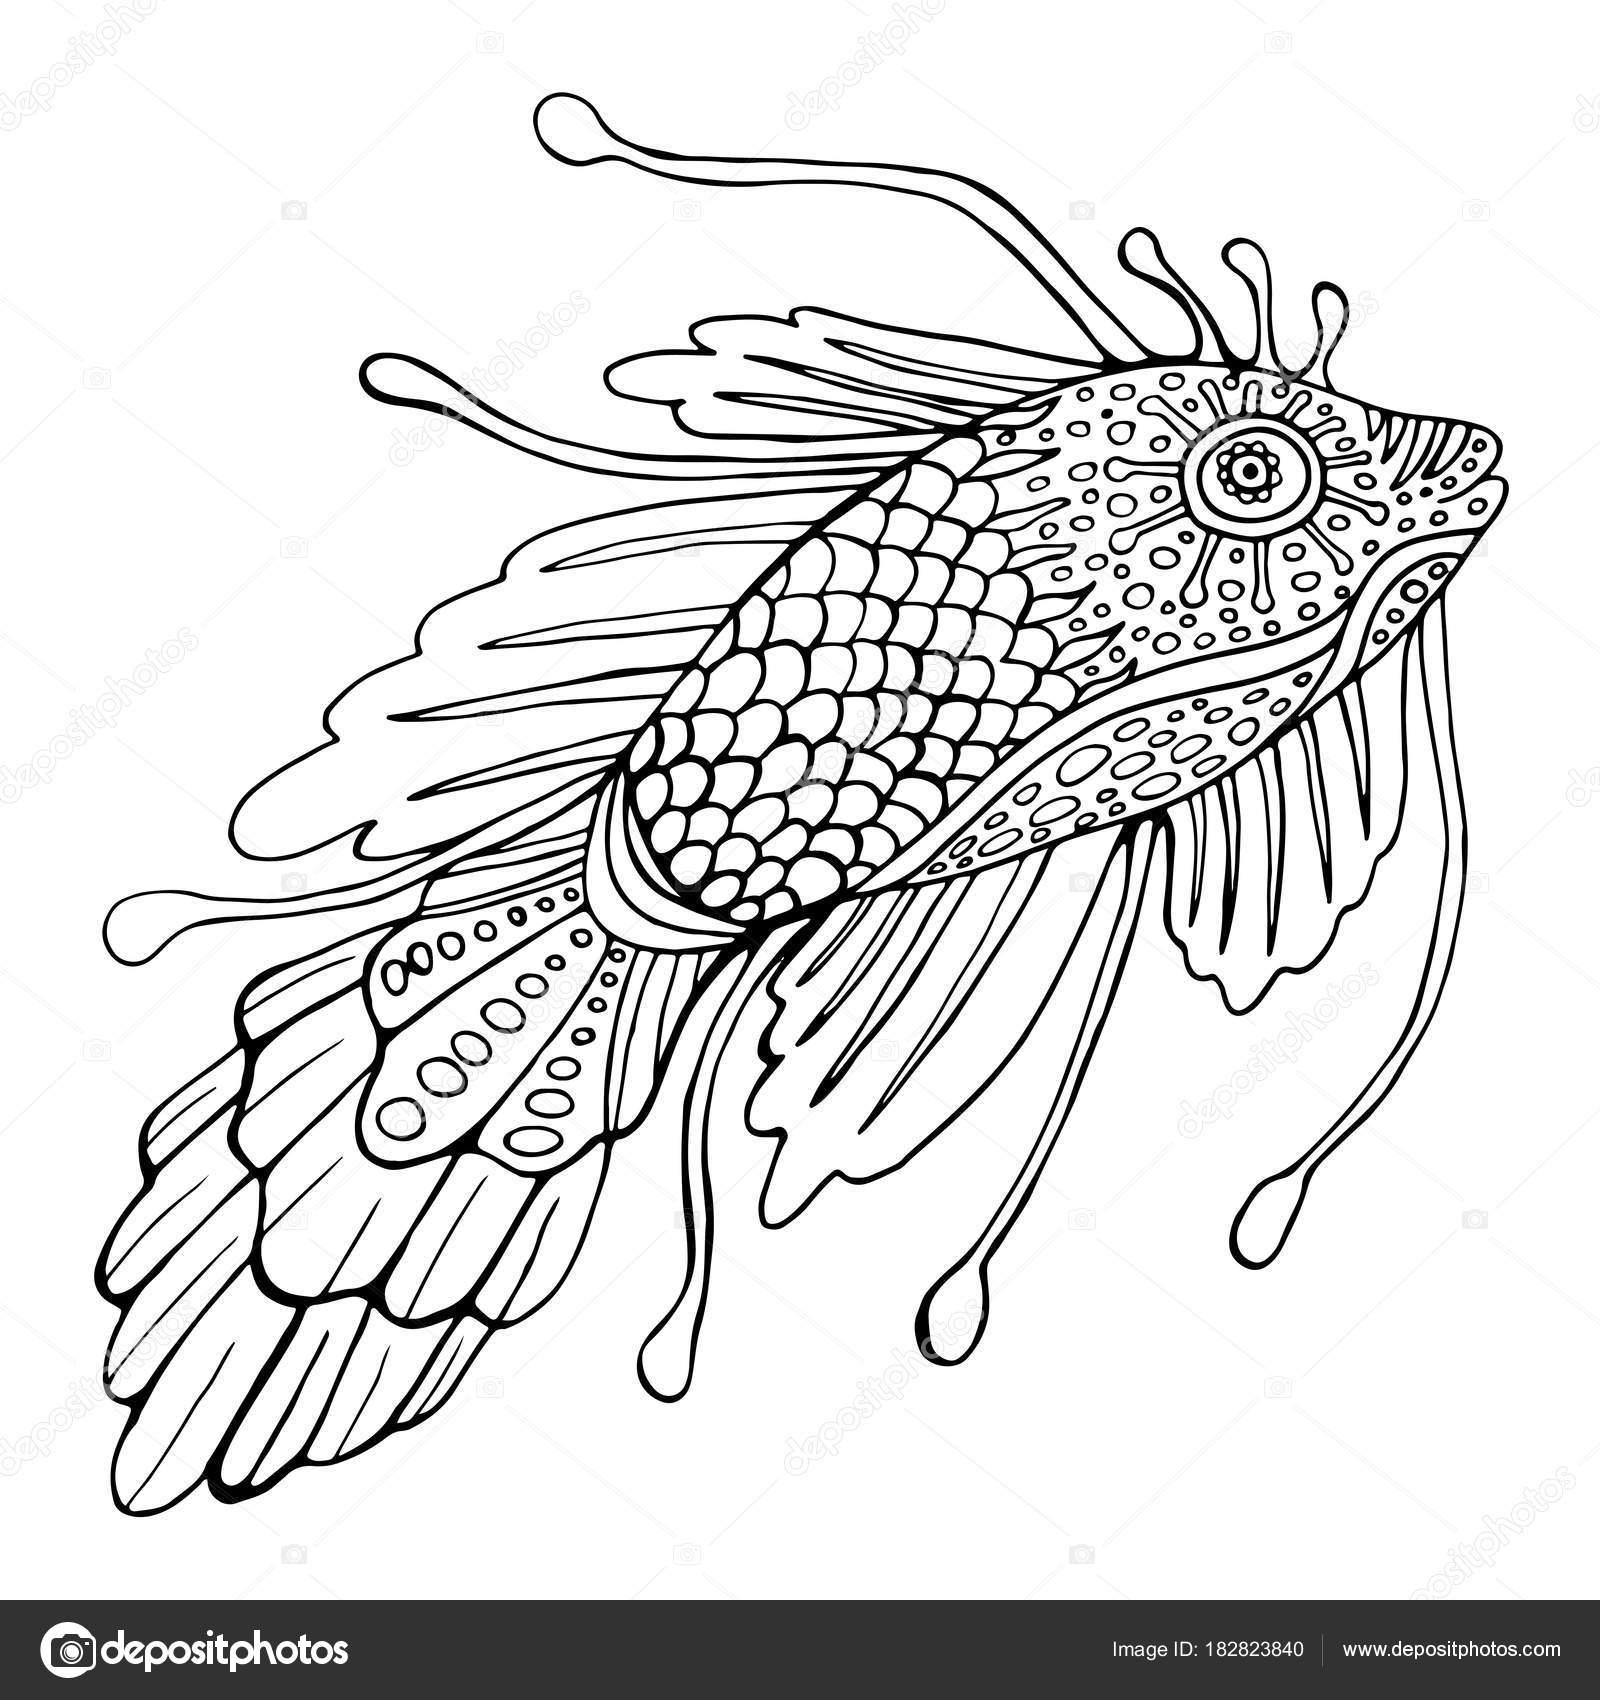 Kleurplaten Fantasie Volwassenen.Kleurplaten Voor Volwassenen Vis Clarinsbaybloor Blogspot Com